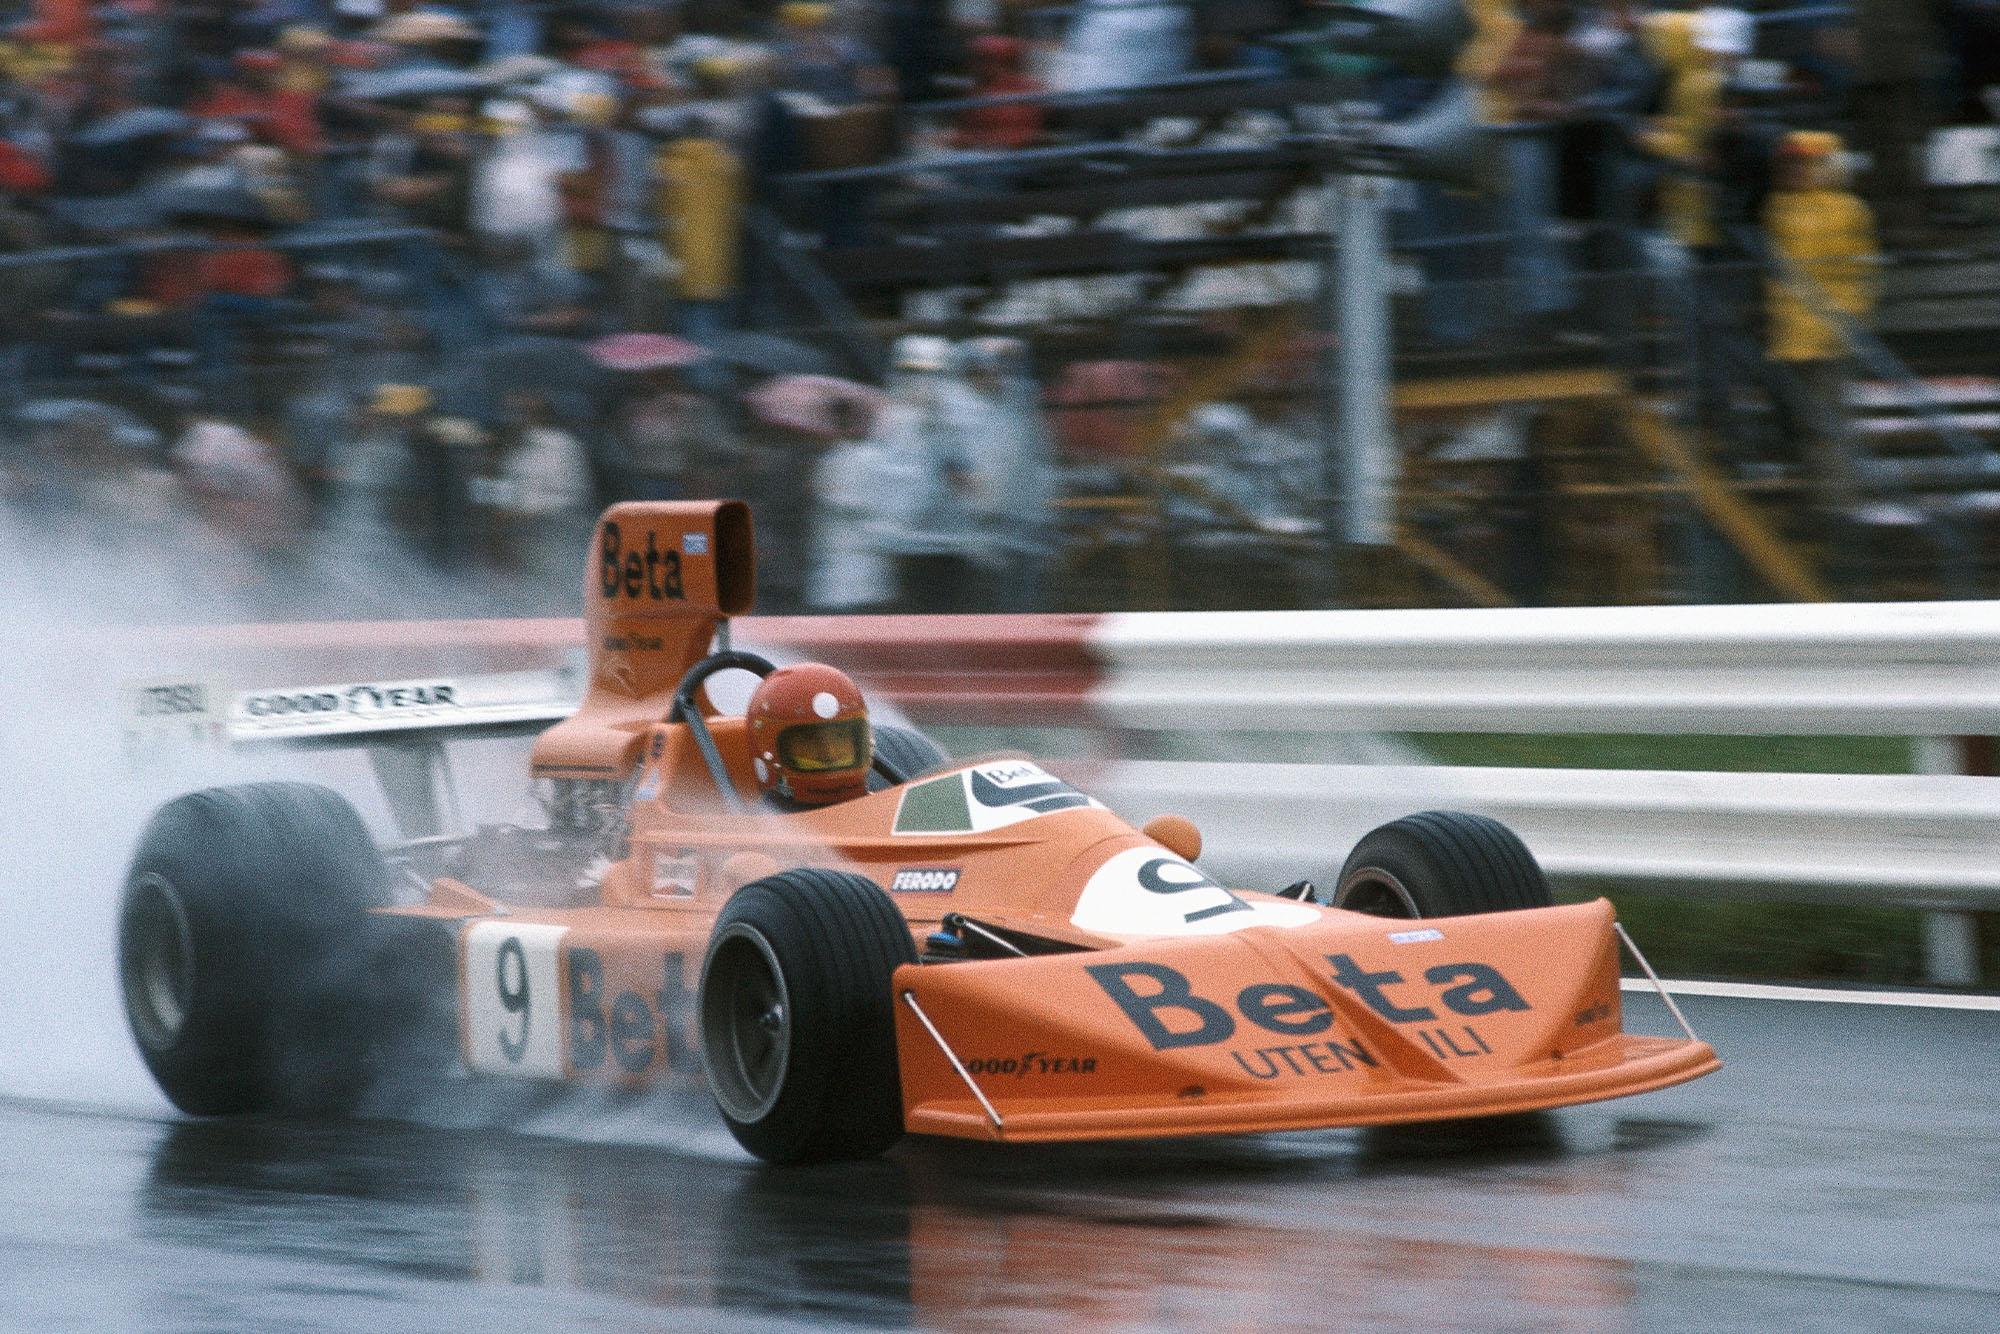 Vittorio Brambilla in his March at the 1975 Austrian Grand Prix, Osterreichring